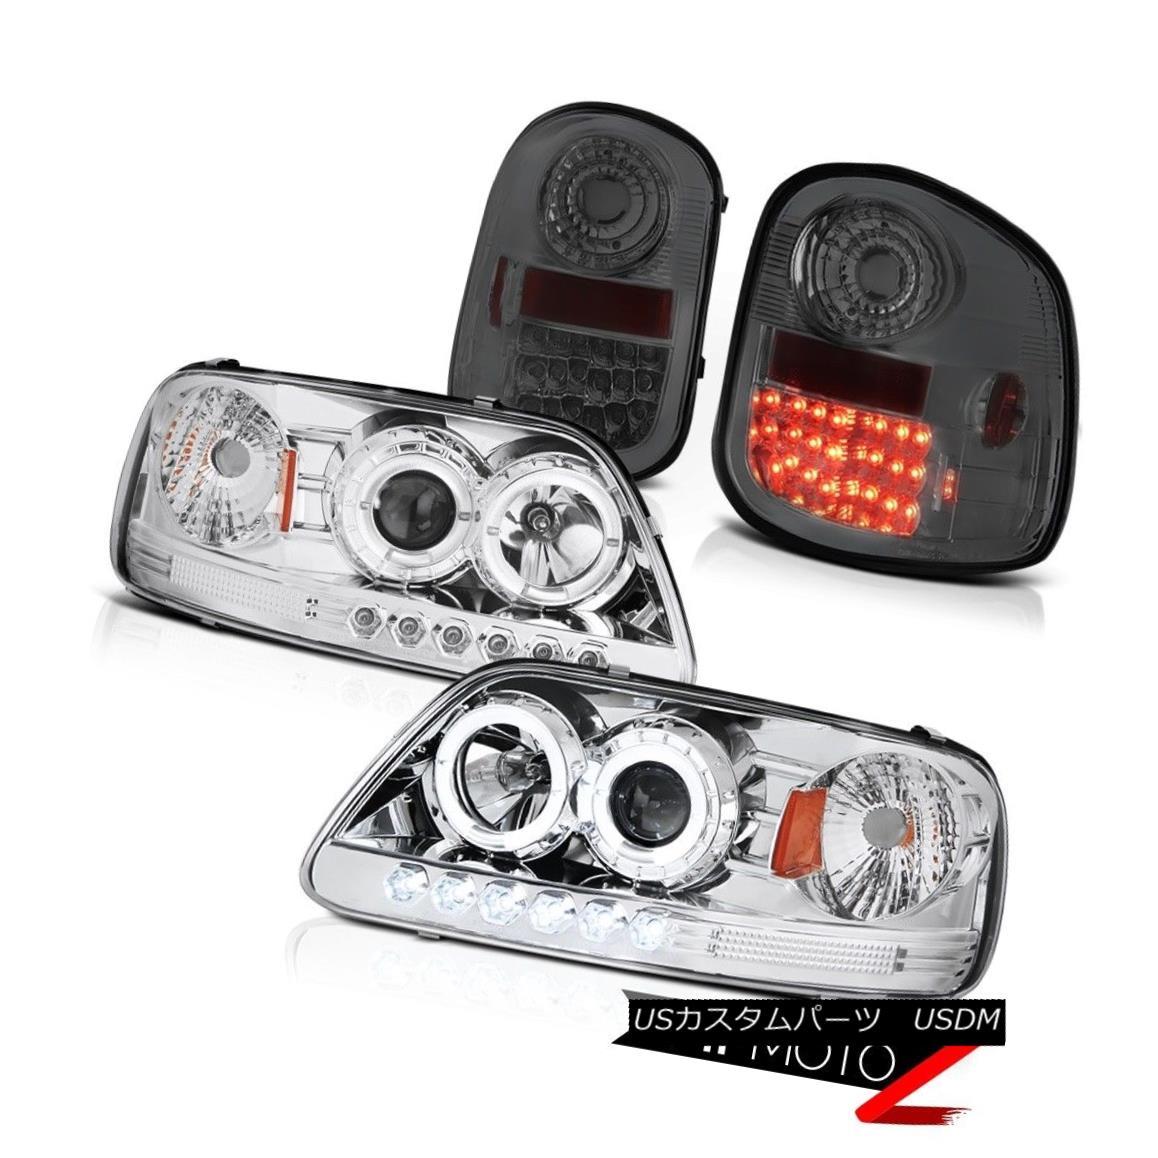 <title>車用品 バイク用品 >> 爆売りセール開催中 パーツ ライト ランプ テールライト Chrome LED Headlight Tinted Brake light 1997-2003 F150 Flareside Harley Davidson クロームLEDヘッドライト着色ブレーキライト1997-2003</title>